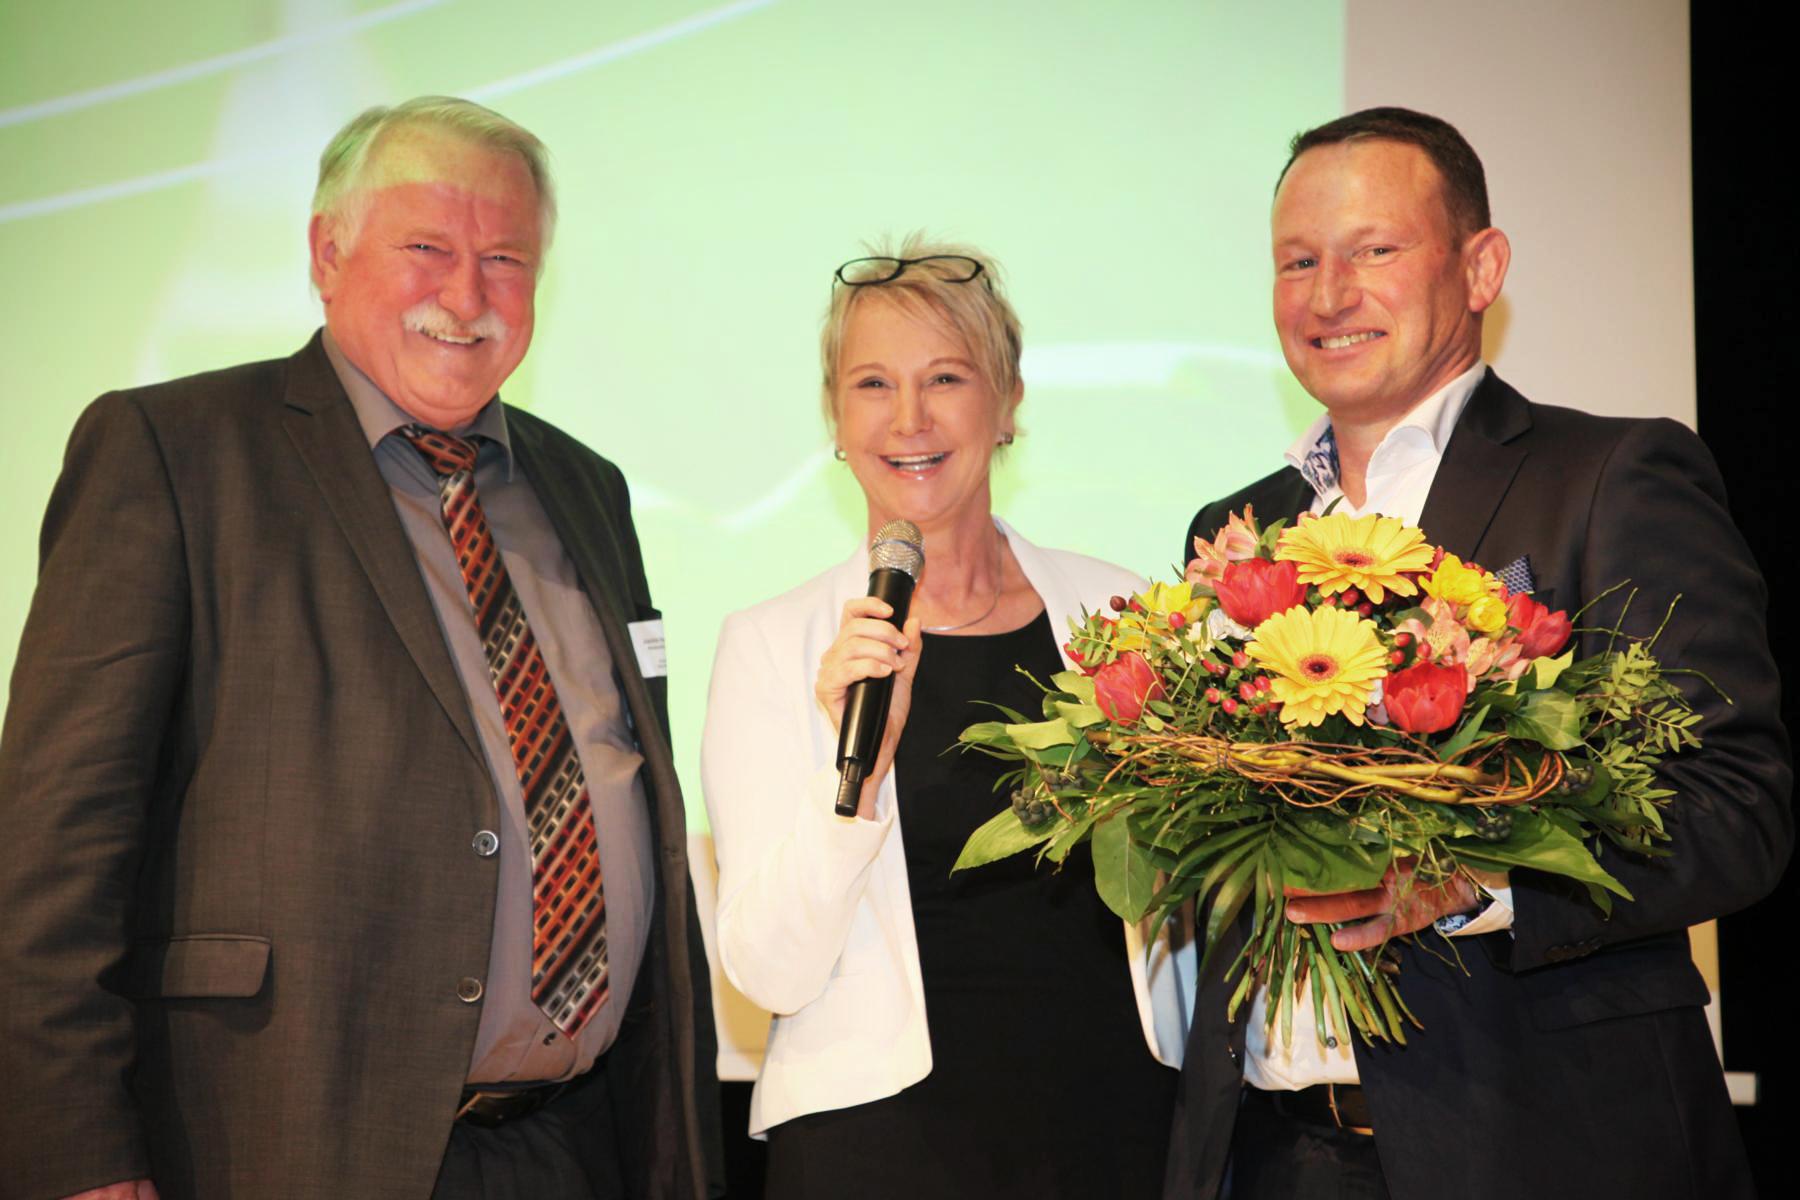 Moderation der Mitgliederversammlung des Gartenbauverbandes, März 2019 in der Harmonie Heilbronn  mit Ministerialdirigent Joachim Hauck (li) und Vorstandsvorsitzendem Thomas Heumann (re)